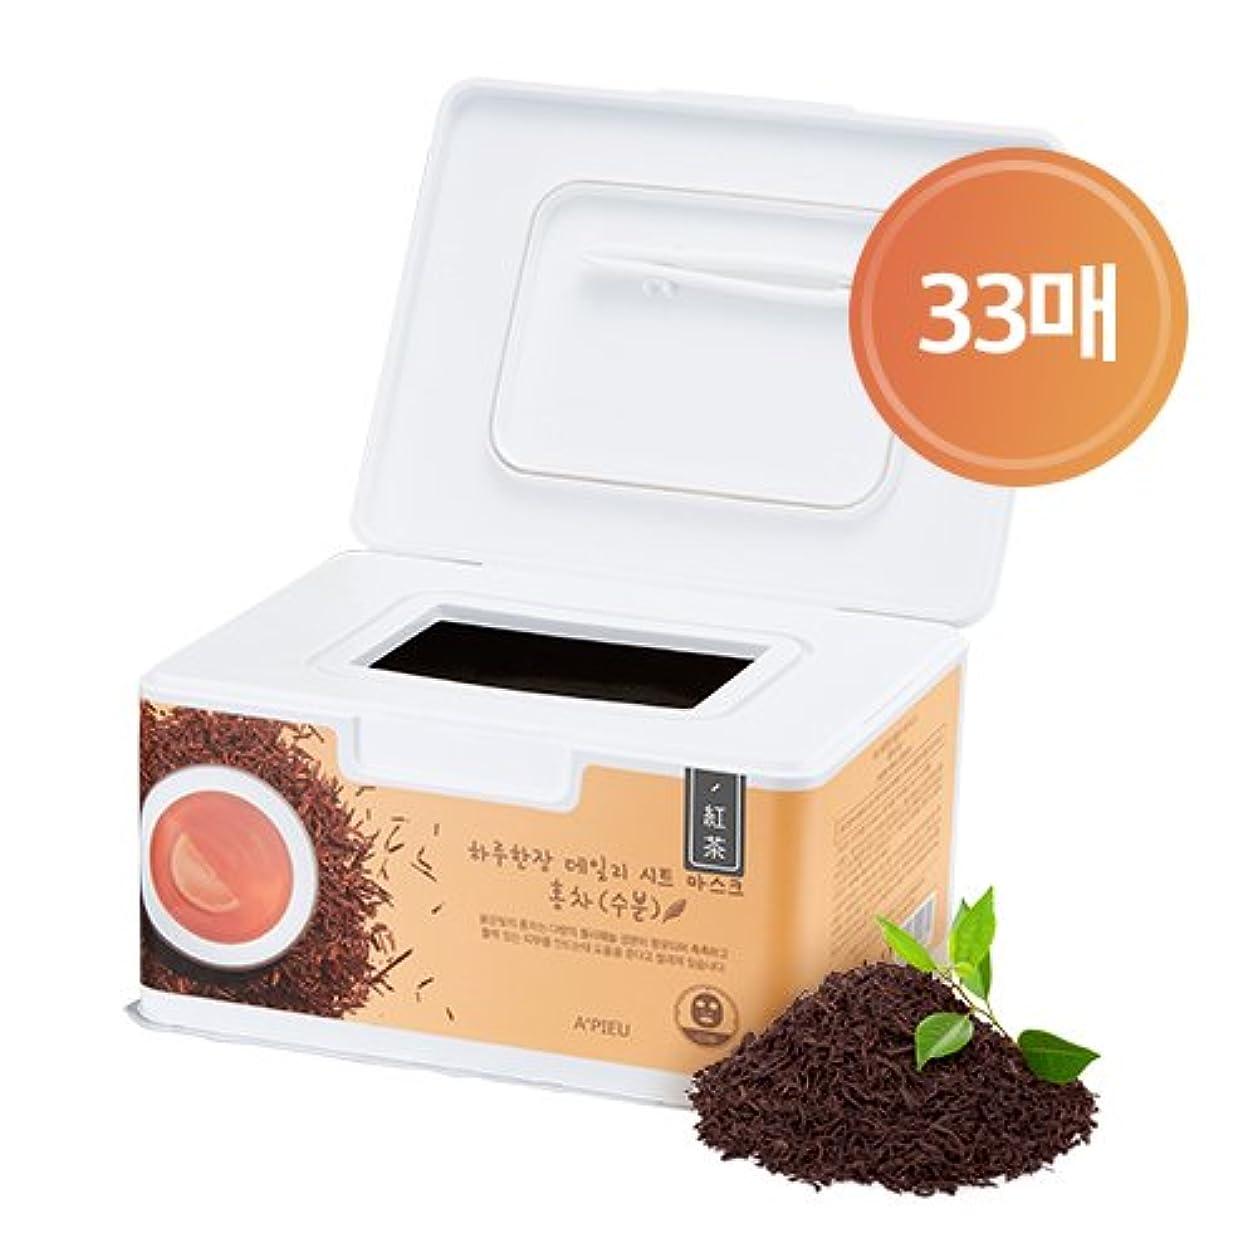 発揮する島平和APIEU DAILY Sheet Mask _ Black Tea (Hydrating) / [オピュ/アピュ] デイリーシートマスク_紅茶(ハイドレーティング) [並行輸入品]